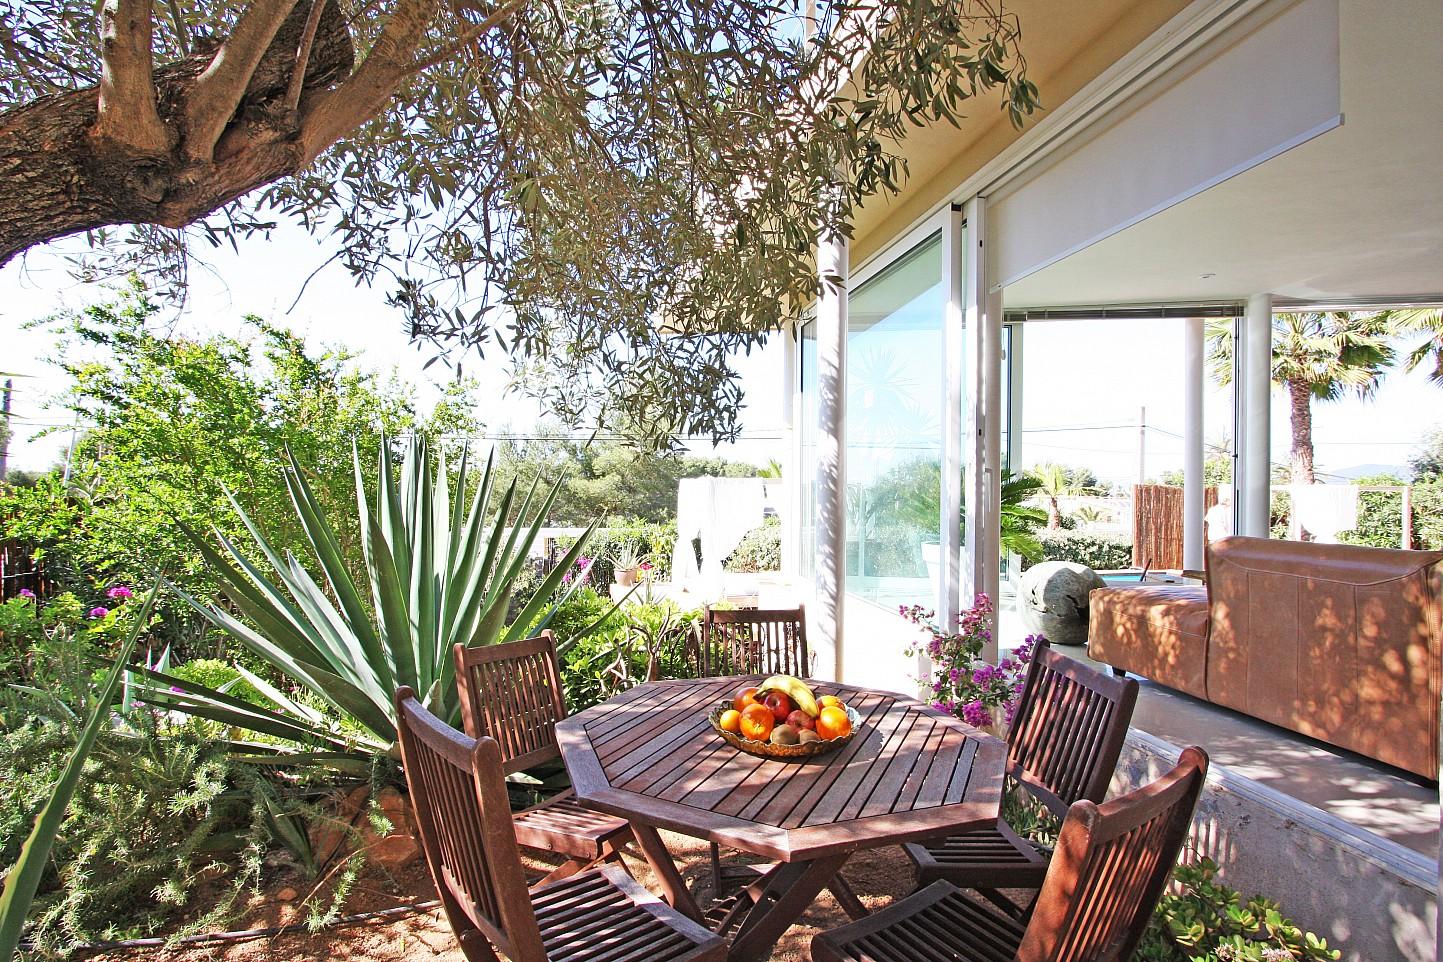 Exteriores de la casa con el jardín